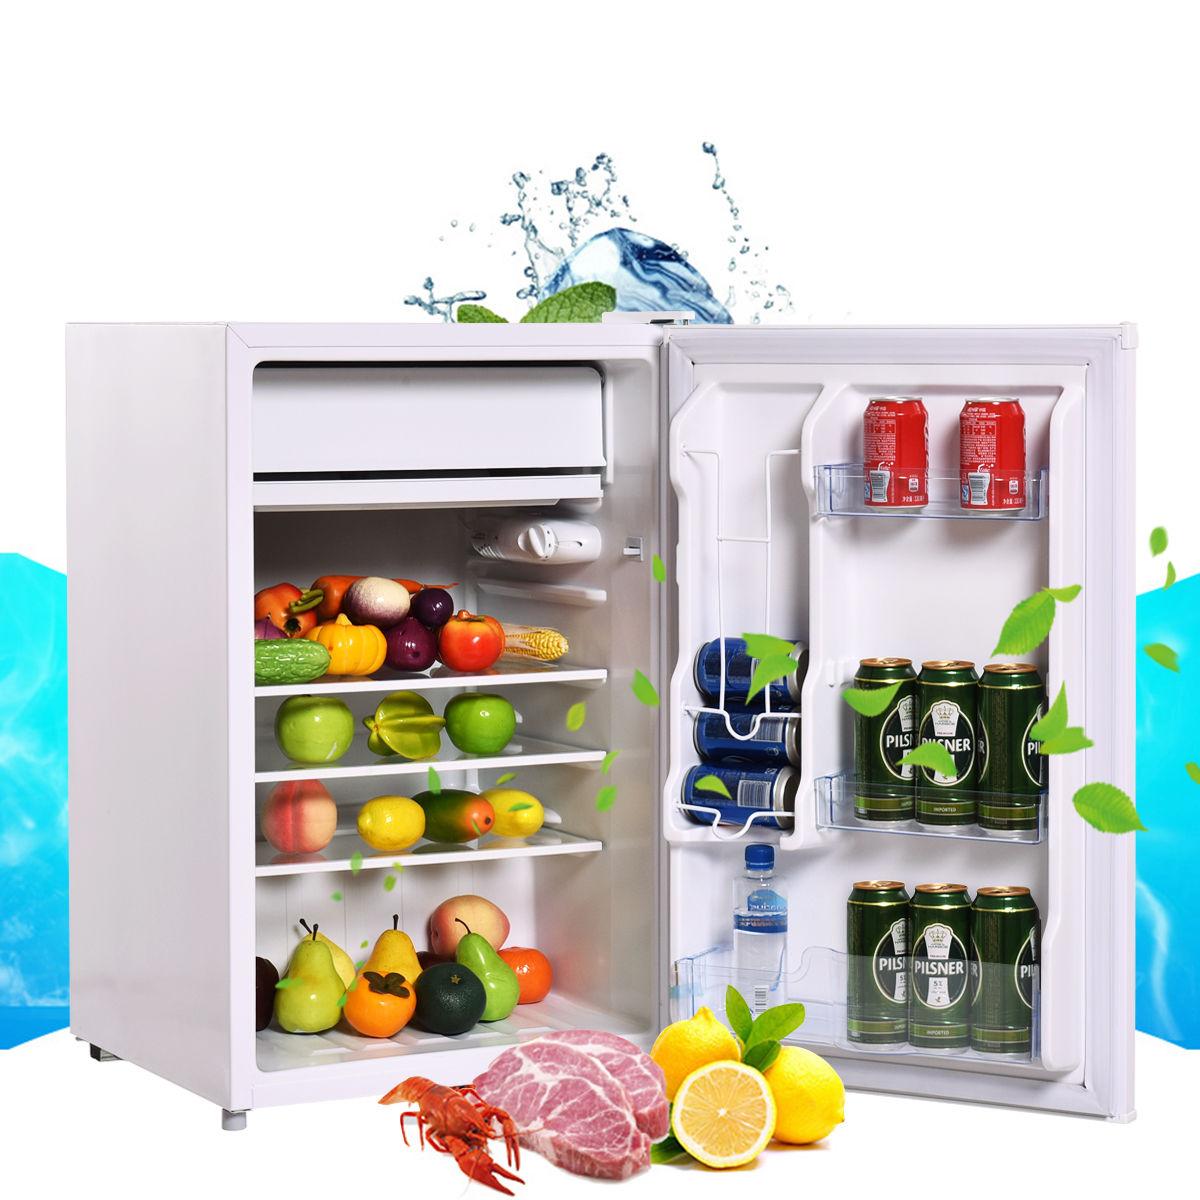 Costway 4.3 cu ft. Refrigerator Freezer Cooler Fridge Compact Mini Door